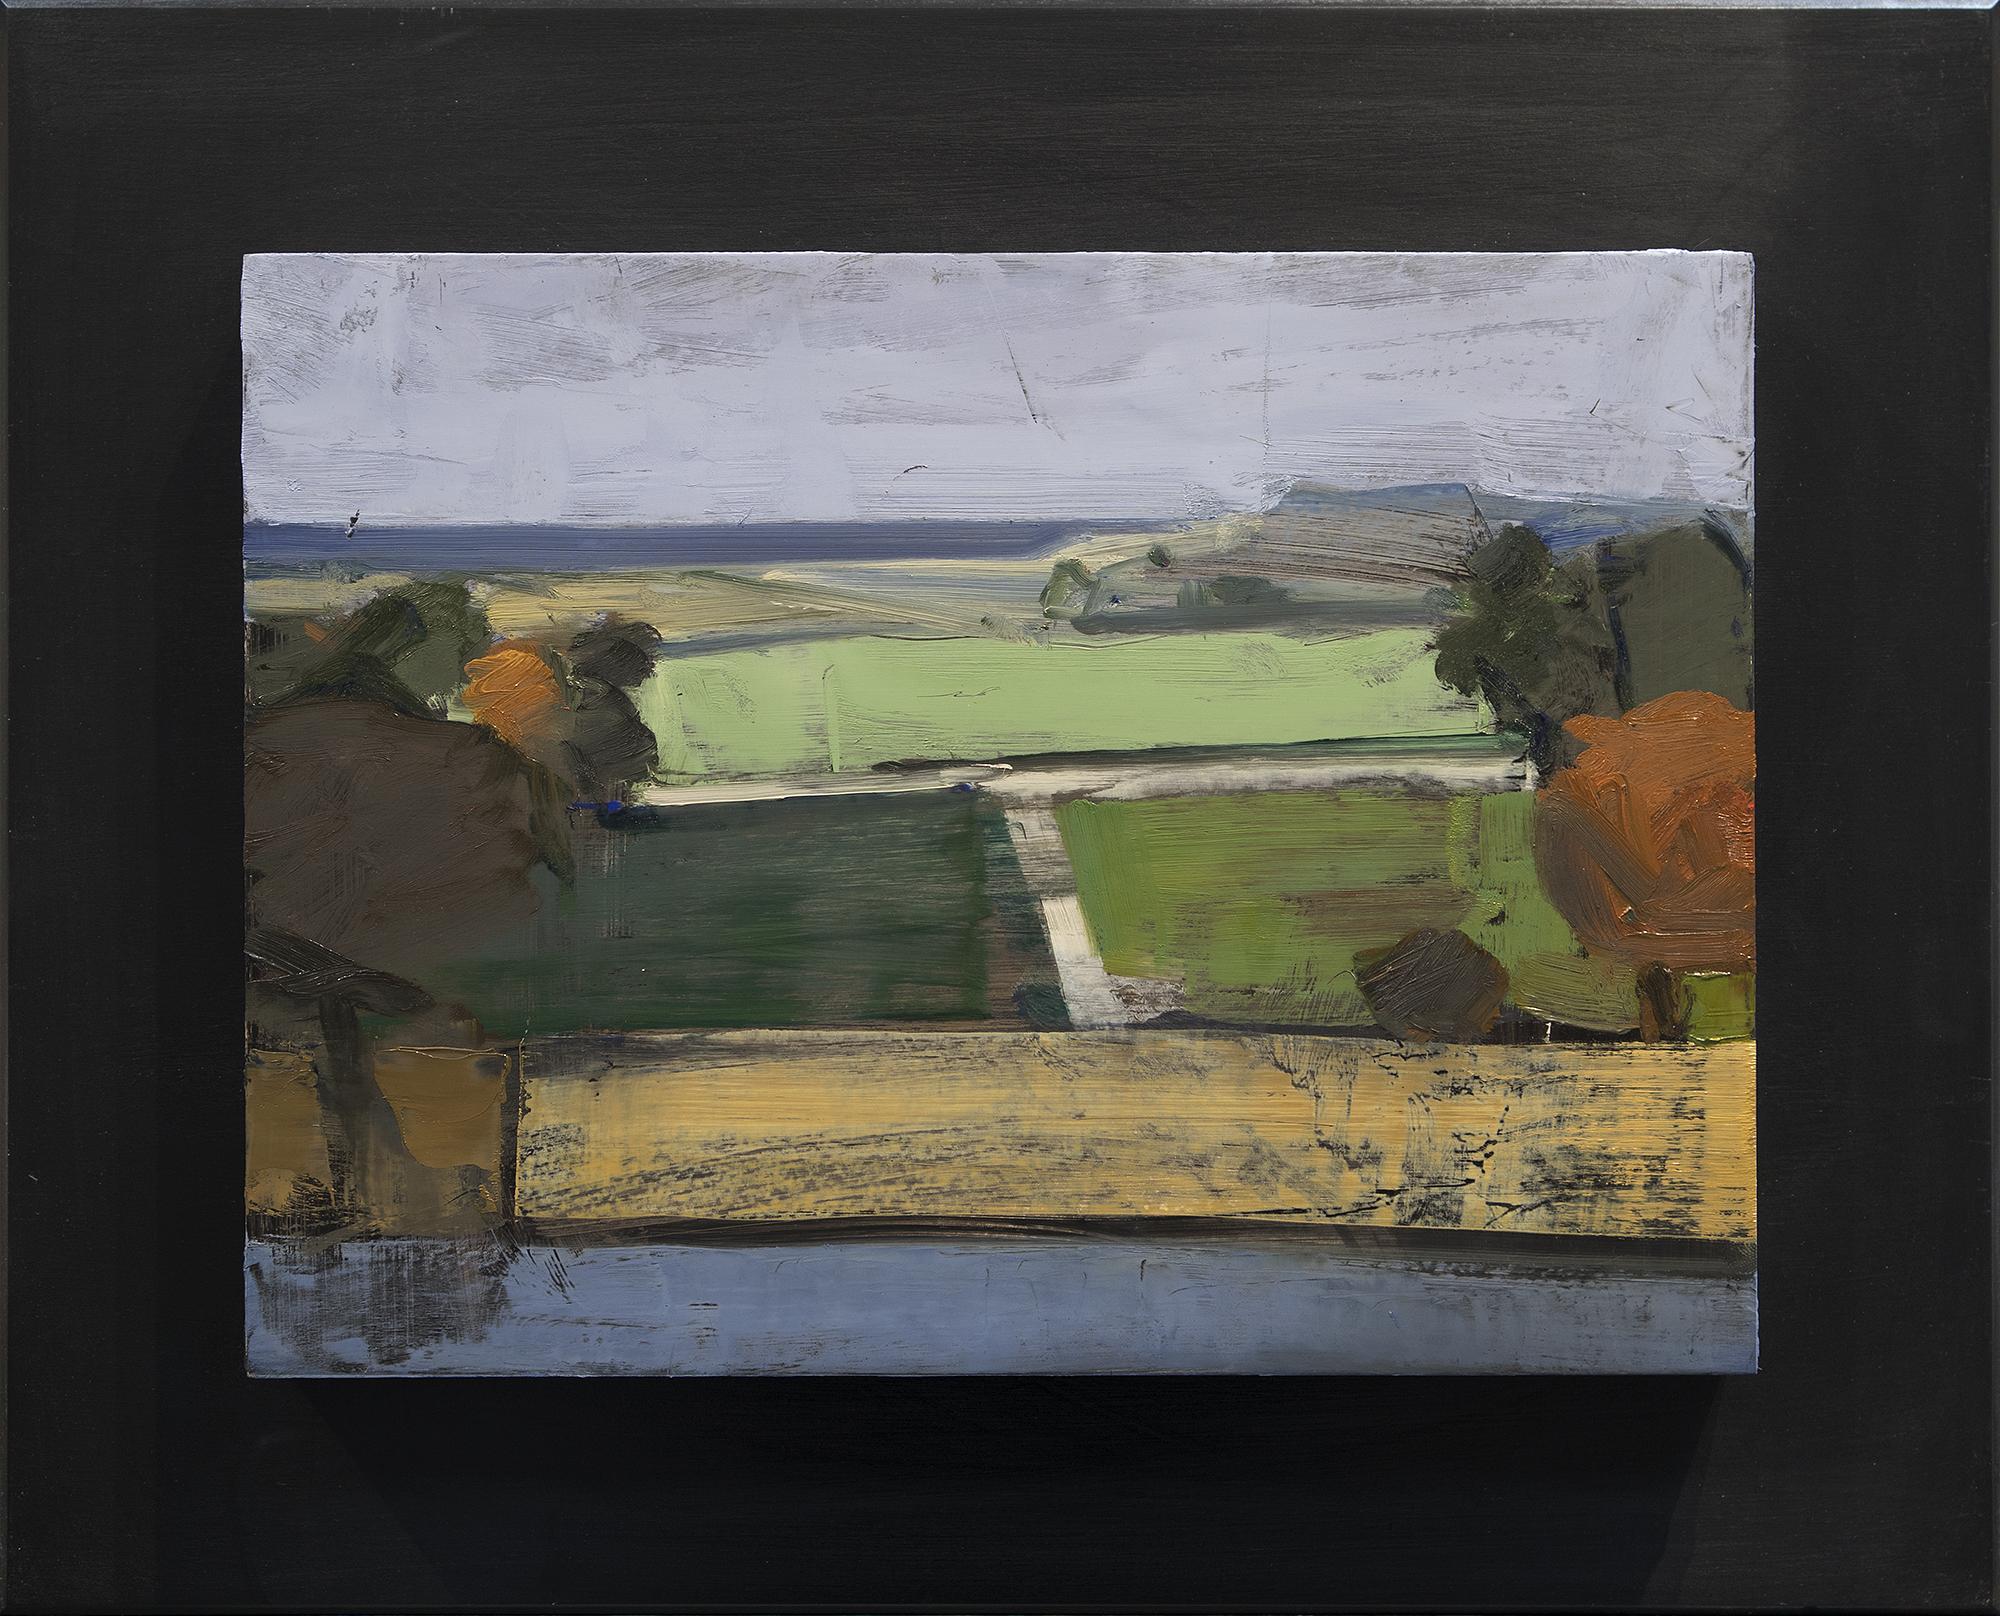 Landscape for Morty